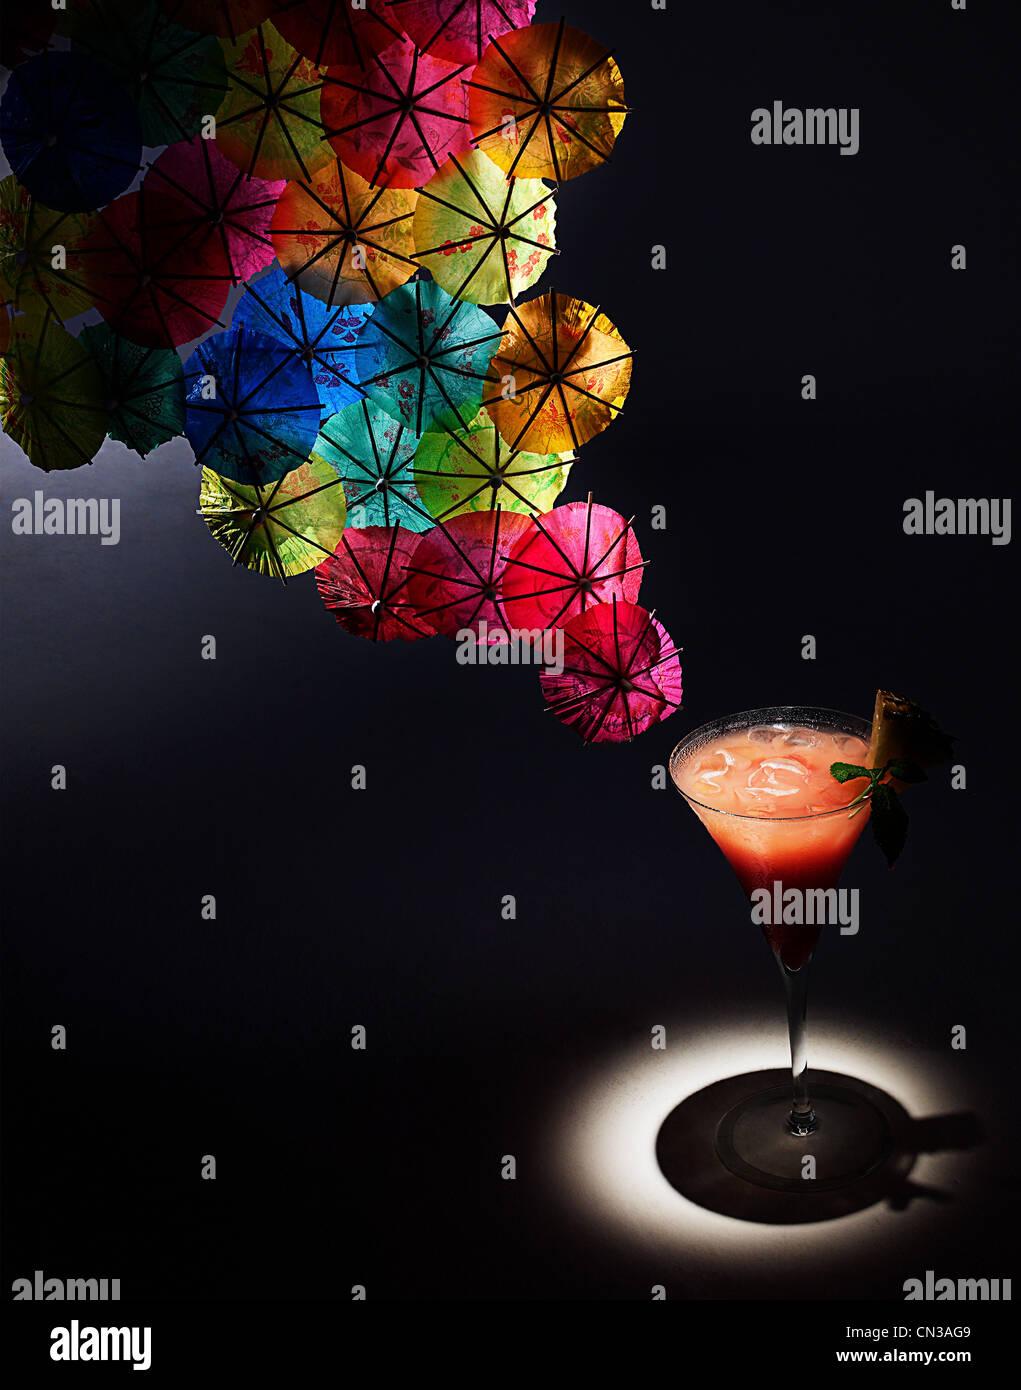 Cóctel y cóctel colorido paraguas, Foto de estudio Imagen De Stock